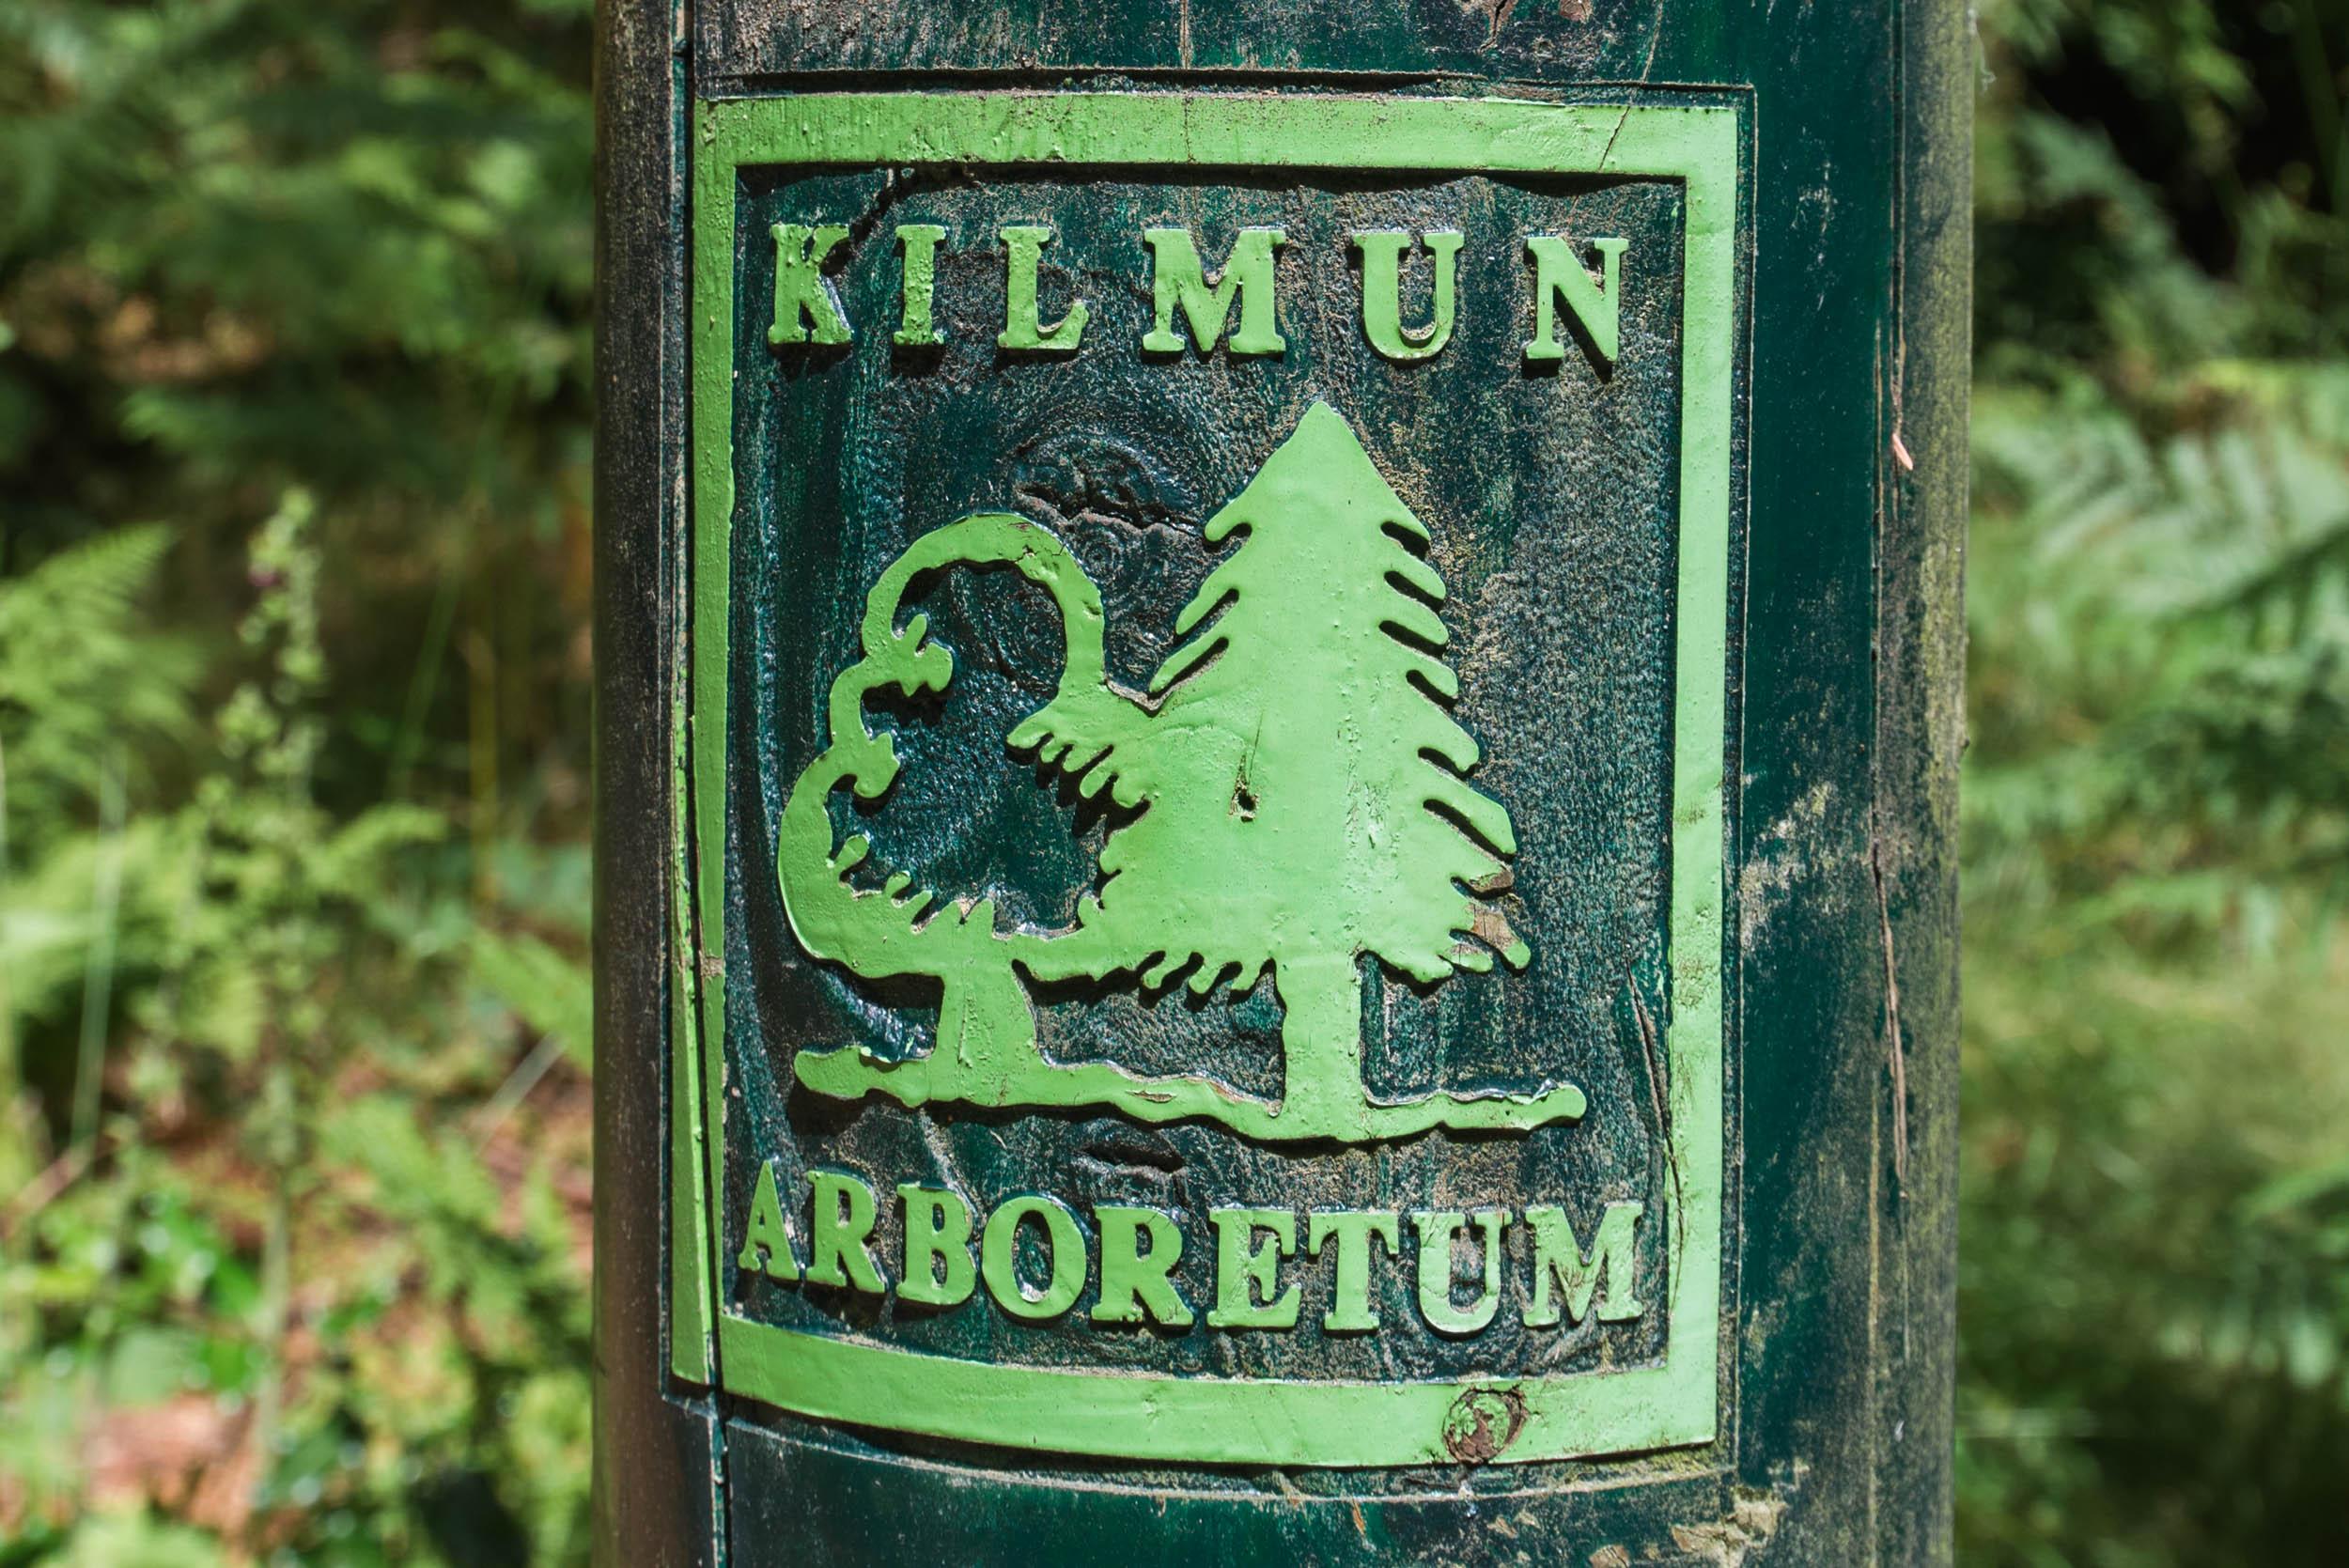 Kilmun Arboretum, Cowal